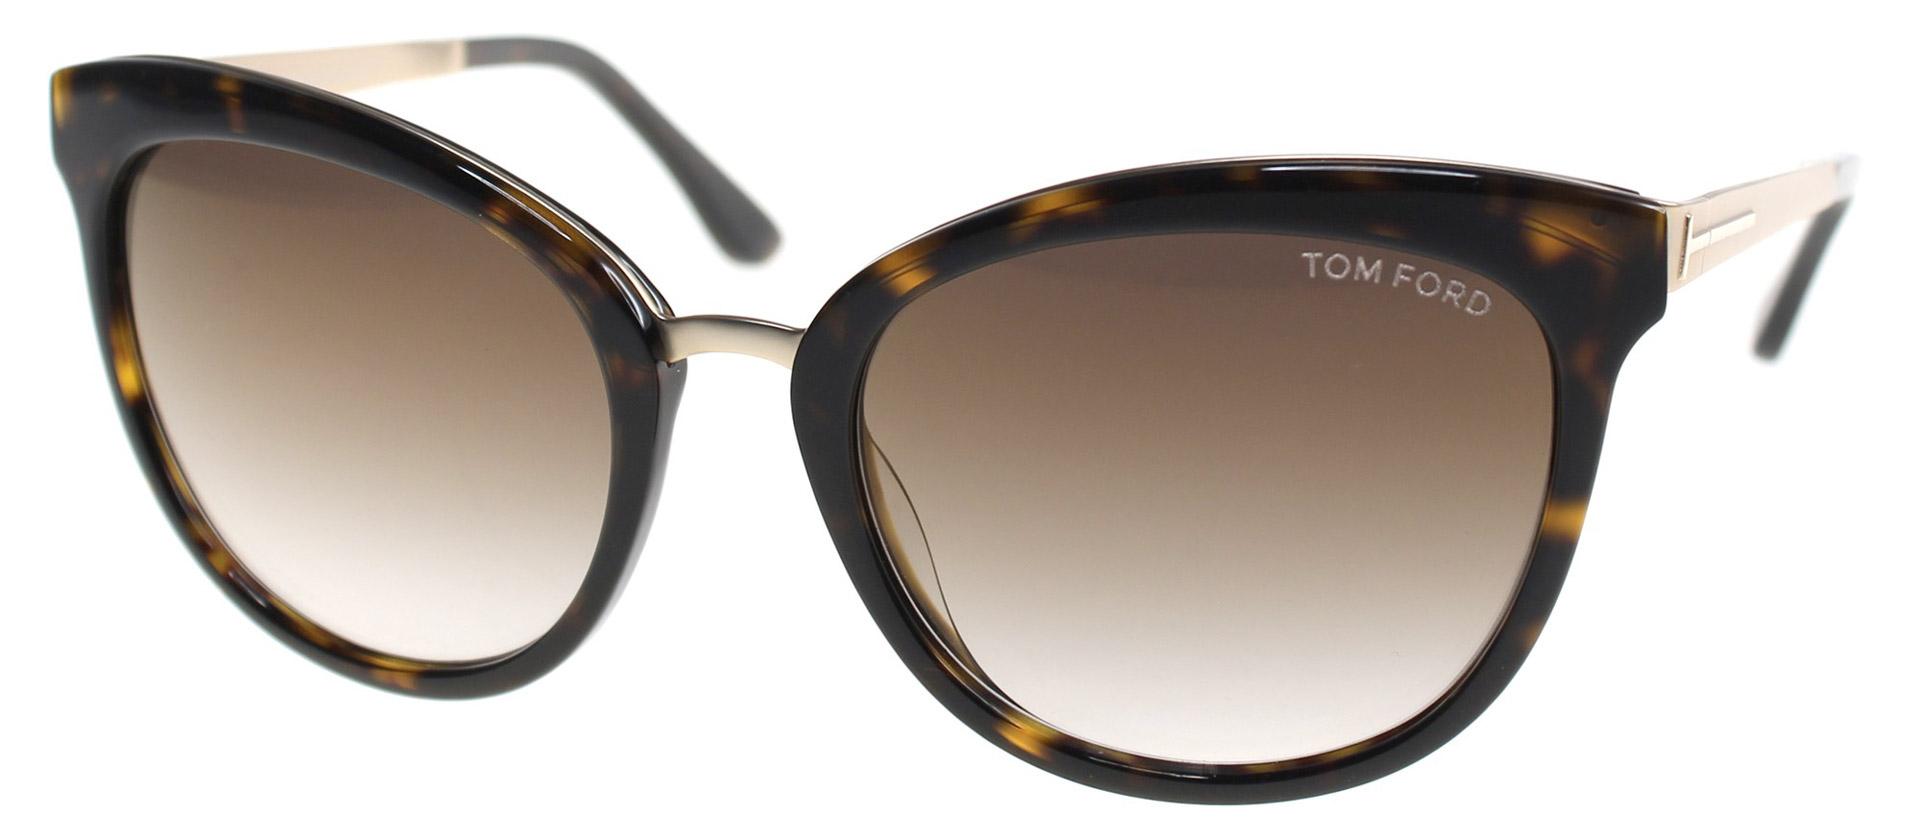 occhiali da sole tom ford 461 ottico ticino lugano